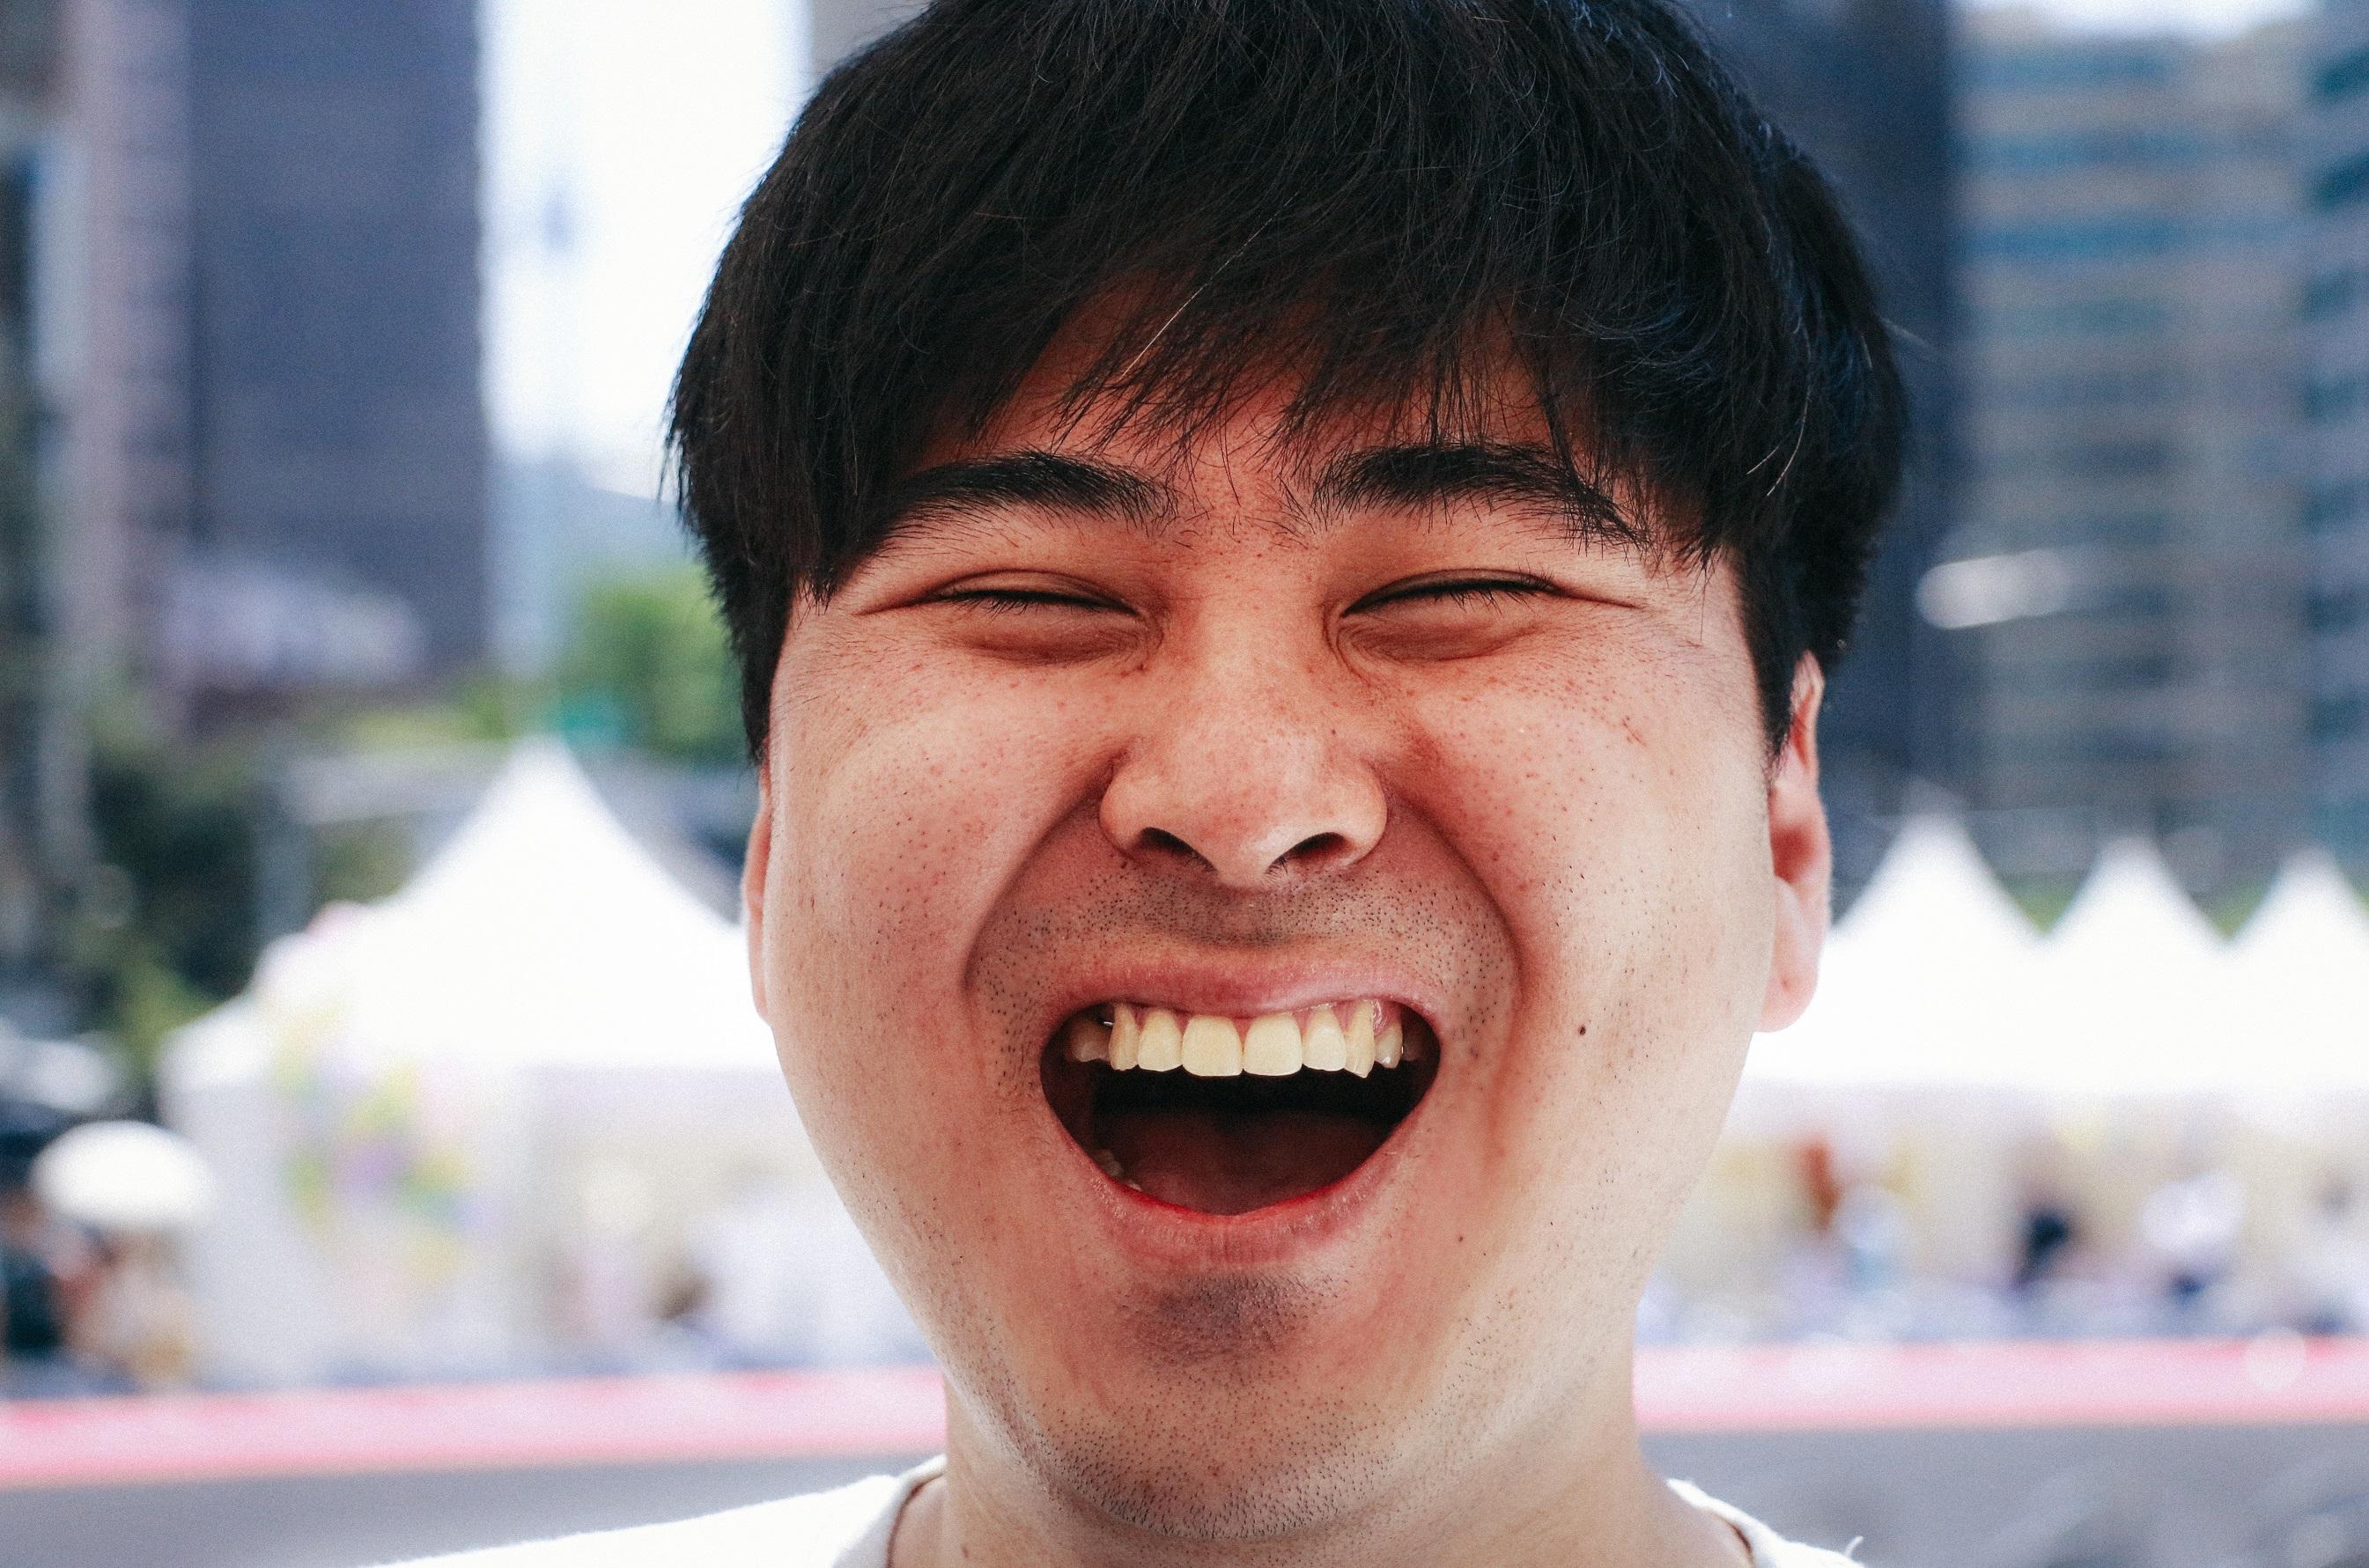 """서울 시민들의 '웃음'을 담은 '웃음사진전'이 13일 월요일부터 19일 일요일까지 7일간 서울시의회 1층 로비 갤러리에서 열린다. 문화기획 컴퍼니 주식회사 로운이 주최하고 서울특별시가 후원하는 이번 웃음사진전은 7월 23일 한강 세빛섬에서 개최되는 서울시민 웃음콘서트의 일환으로 '웃음' 문화를 상기하는 데 역점을 둔 웃음프로젝트다. 사진작가 Eric youn과 프리랜서 정은혜 아티스트, 신환수 시민작가 등이 각자의 여건 속에서 4월초부터 약 두 달여간 전부터 서울시에서 열리는 행사 현장 구석구석을 누비며 시민들의 다양한 '웃음'과 웃음으로써 더욱 행복해지려는 어르신들의 '웃음'을 현장에서 생생하게 담아낸 사진들이 전시된다. 이번 전시회에서는 '웃음'을 주제로 한 단체 웃음 사진 10점, 개인 웃음 사진 35점, 커플 웃음 사진 5점으로 엄선된 50여점의 사진을 만나볼 수 있다. 또한 이번 전시 기간 동안 '웃음' 사진에 대한 시민들의 반응을 종합해 최고의 웃음사진을 선발한다. 시상 내역은 '파랑웃음', '행복웃음', '파안대소', '행복미소', '웃음미인' 등 총 5개 부문이며 선발된 사진의 주인공에게는 사진 작품과 함께 웃음 상장을 증정할 계획이다. 시민이 행복한 웃음 캠페인으로 △웃음아카데미 △웃음운동공연 △'어르신을 위한 찾아가는 실버 웃찾사' 경로 웃음 프로젝트를 서울시 전역을 돌며 성공리에 진행한 바 있는 문화기획 로운의 황현모 대표는 """"현대사회를 바쁘게 살아가는 대부분의 사람들 얼굴에선 웃음보다 찡그림을 그리고 있는 모습이 많다""""며 """"이번 웃음 사진전을 통해 서울 시민들의 고된 삶 속에서 잠시라도 마음 편히 웃음을 찾아보고 또 웃을 수 있는 기회가 됐으면 한다""""고 말했다. 한편 이번 웃음 프로젝트는 5월에 열린 실버웃찾사에 이어 웃음을 주제로 웃음 운동 캠페인, 웃음 아카데미 등 다양한 웃음 캠페인이 진행되며 7월 23일 한강 세빛섬 특설무대에서는 SBS 웃찾사 출연 개그맨들이 총출동하는 '웃음콘서트'로 하이라이트를 장식할 계획이다."""